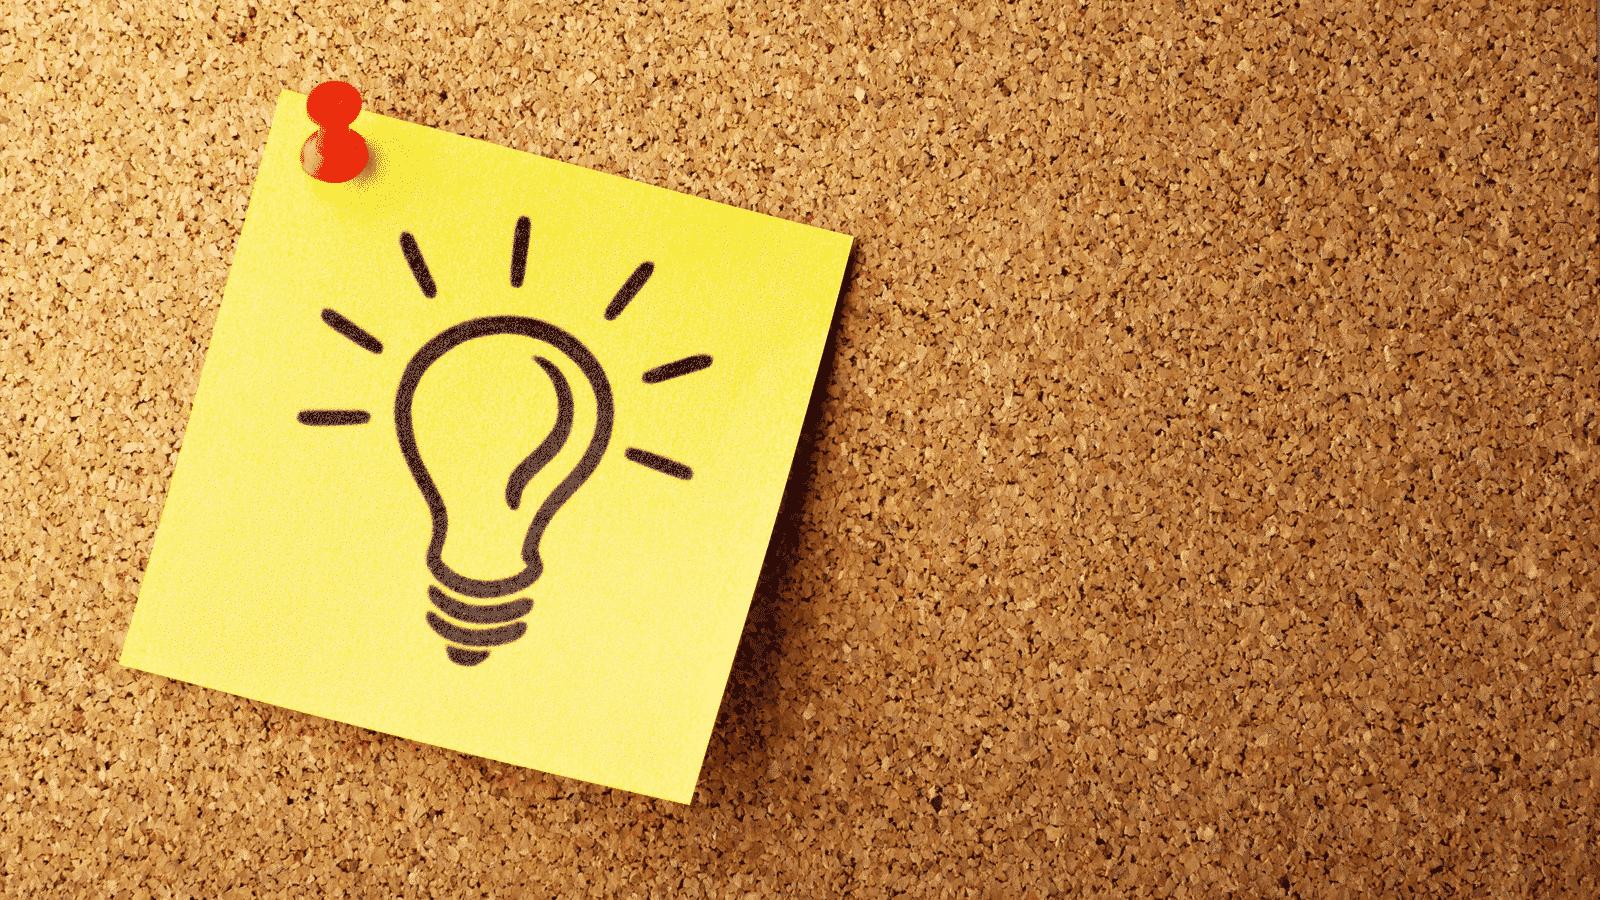 idei proactive pentru freelanceri